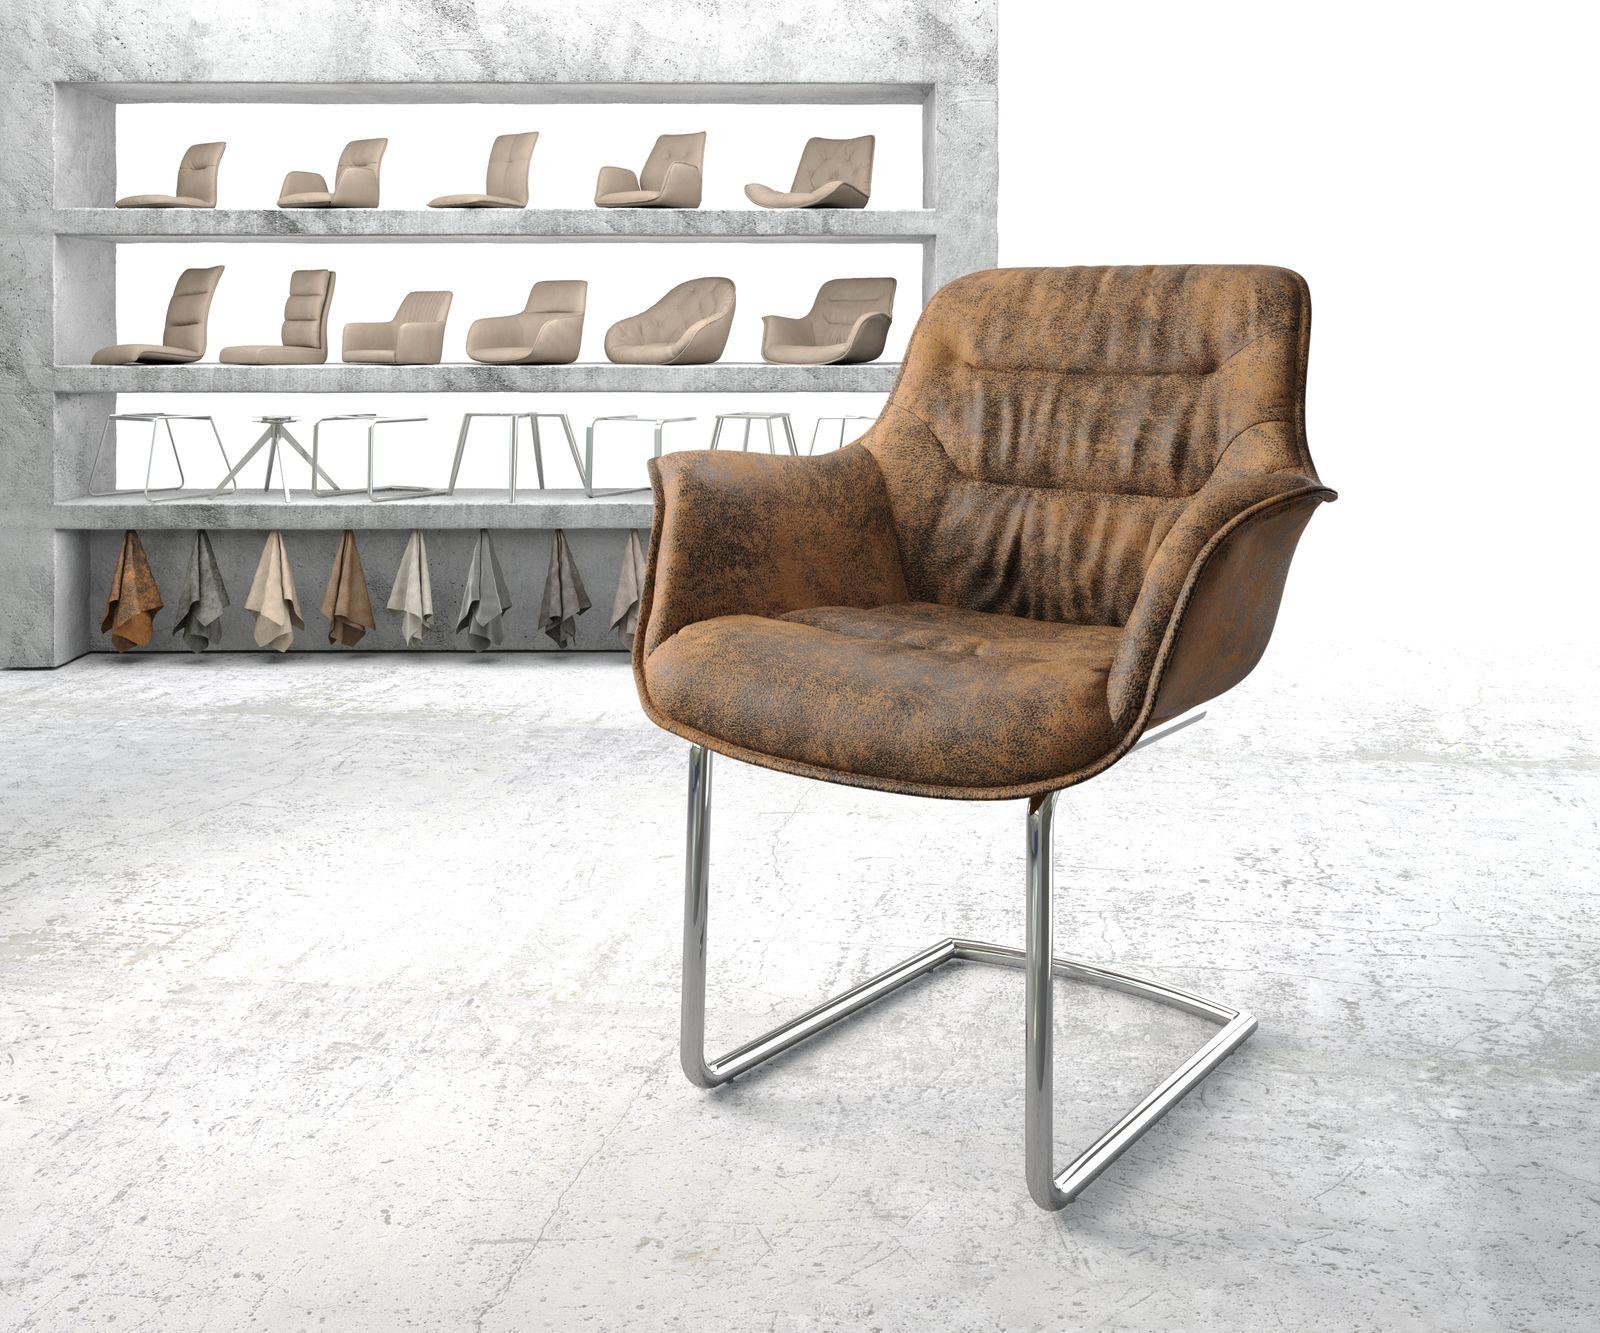 delife-armlehnstuhl-kaira-flex-braun-vintage-freischwinger-rund-verchromt-esszimmerstuhle